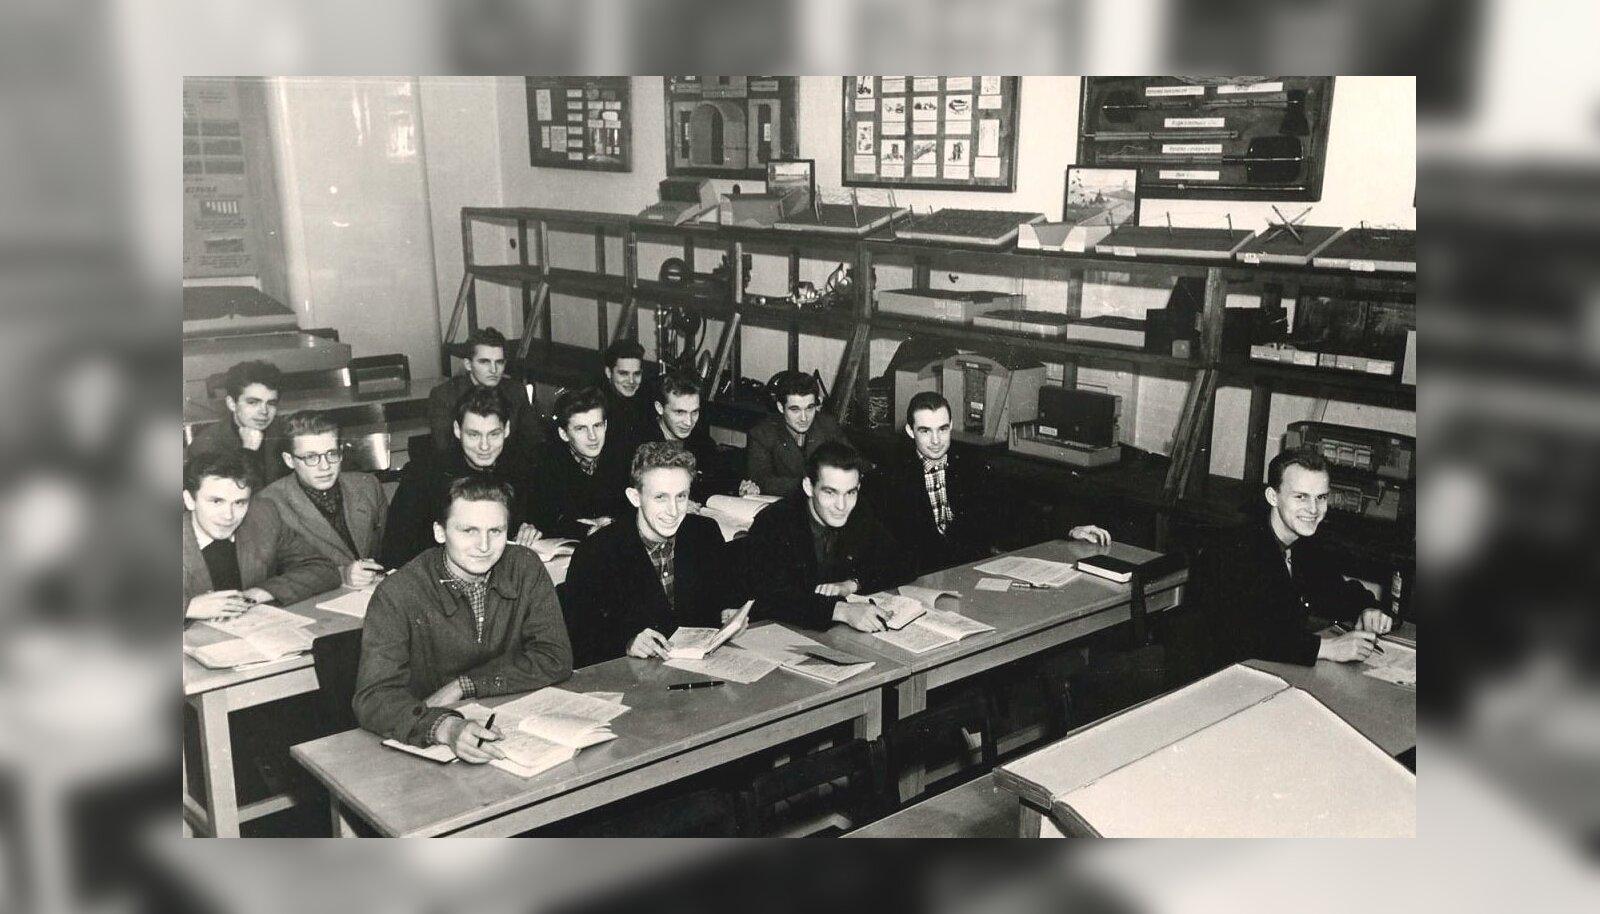 4b5fb4a8b1c Soome saatkonna kirju ajalugu